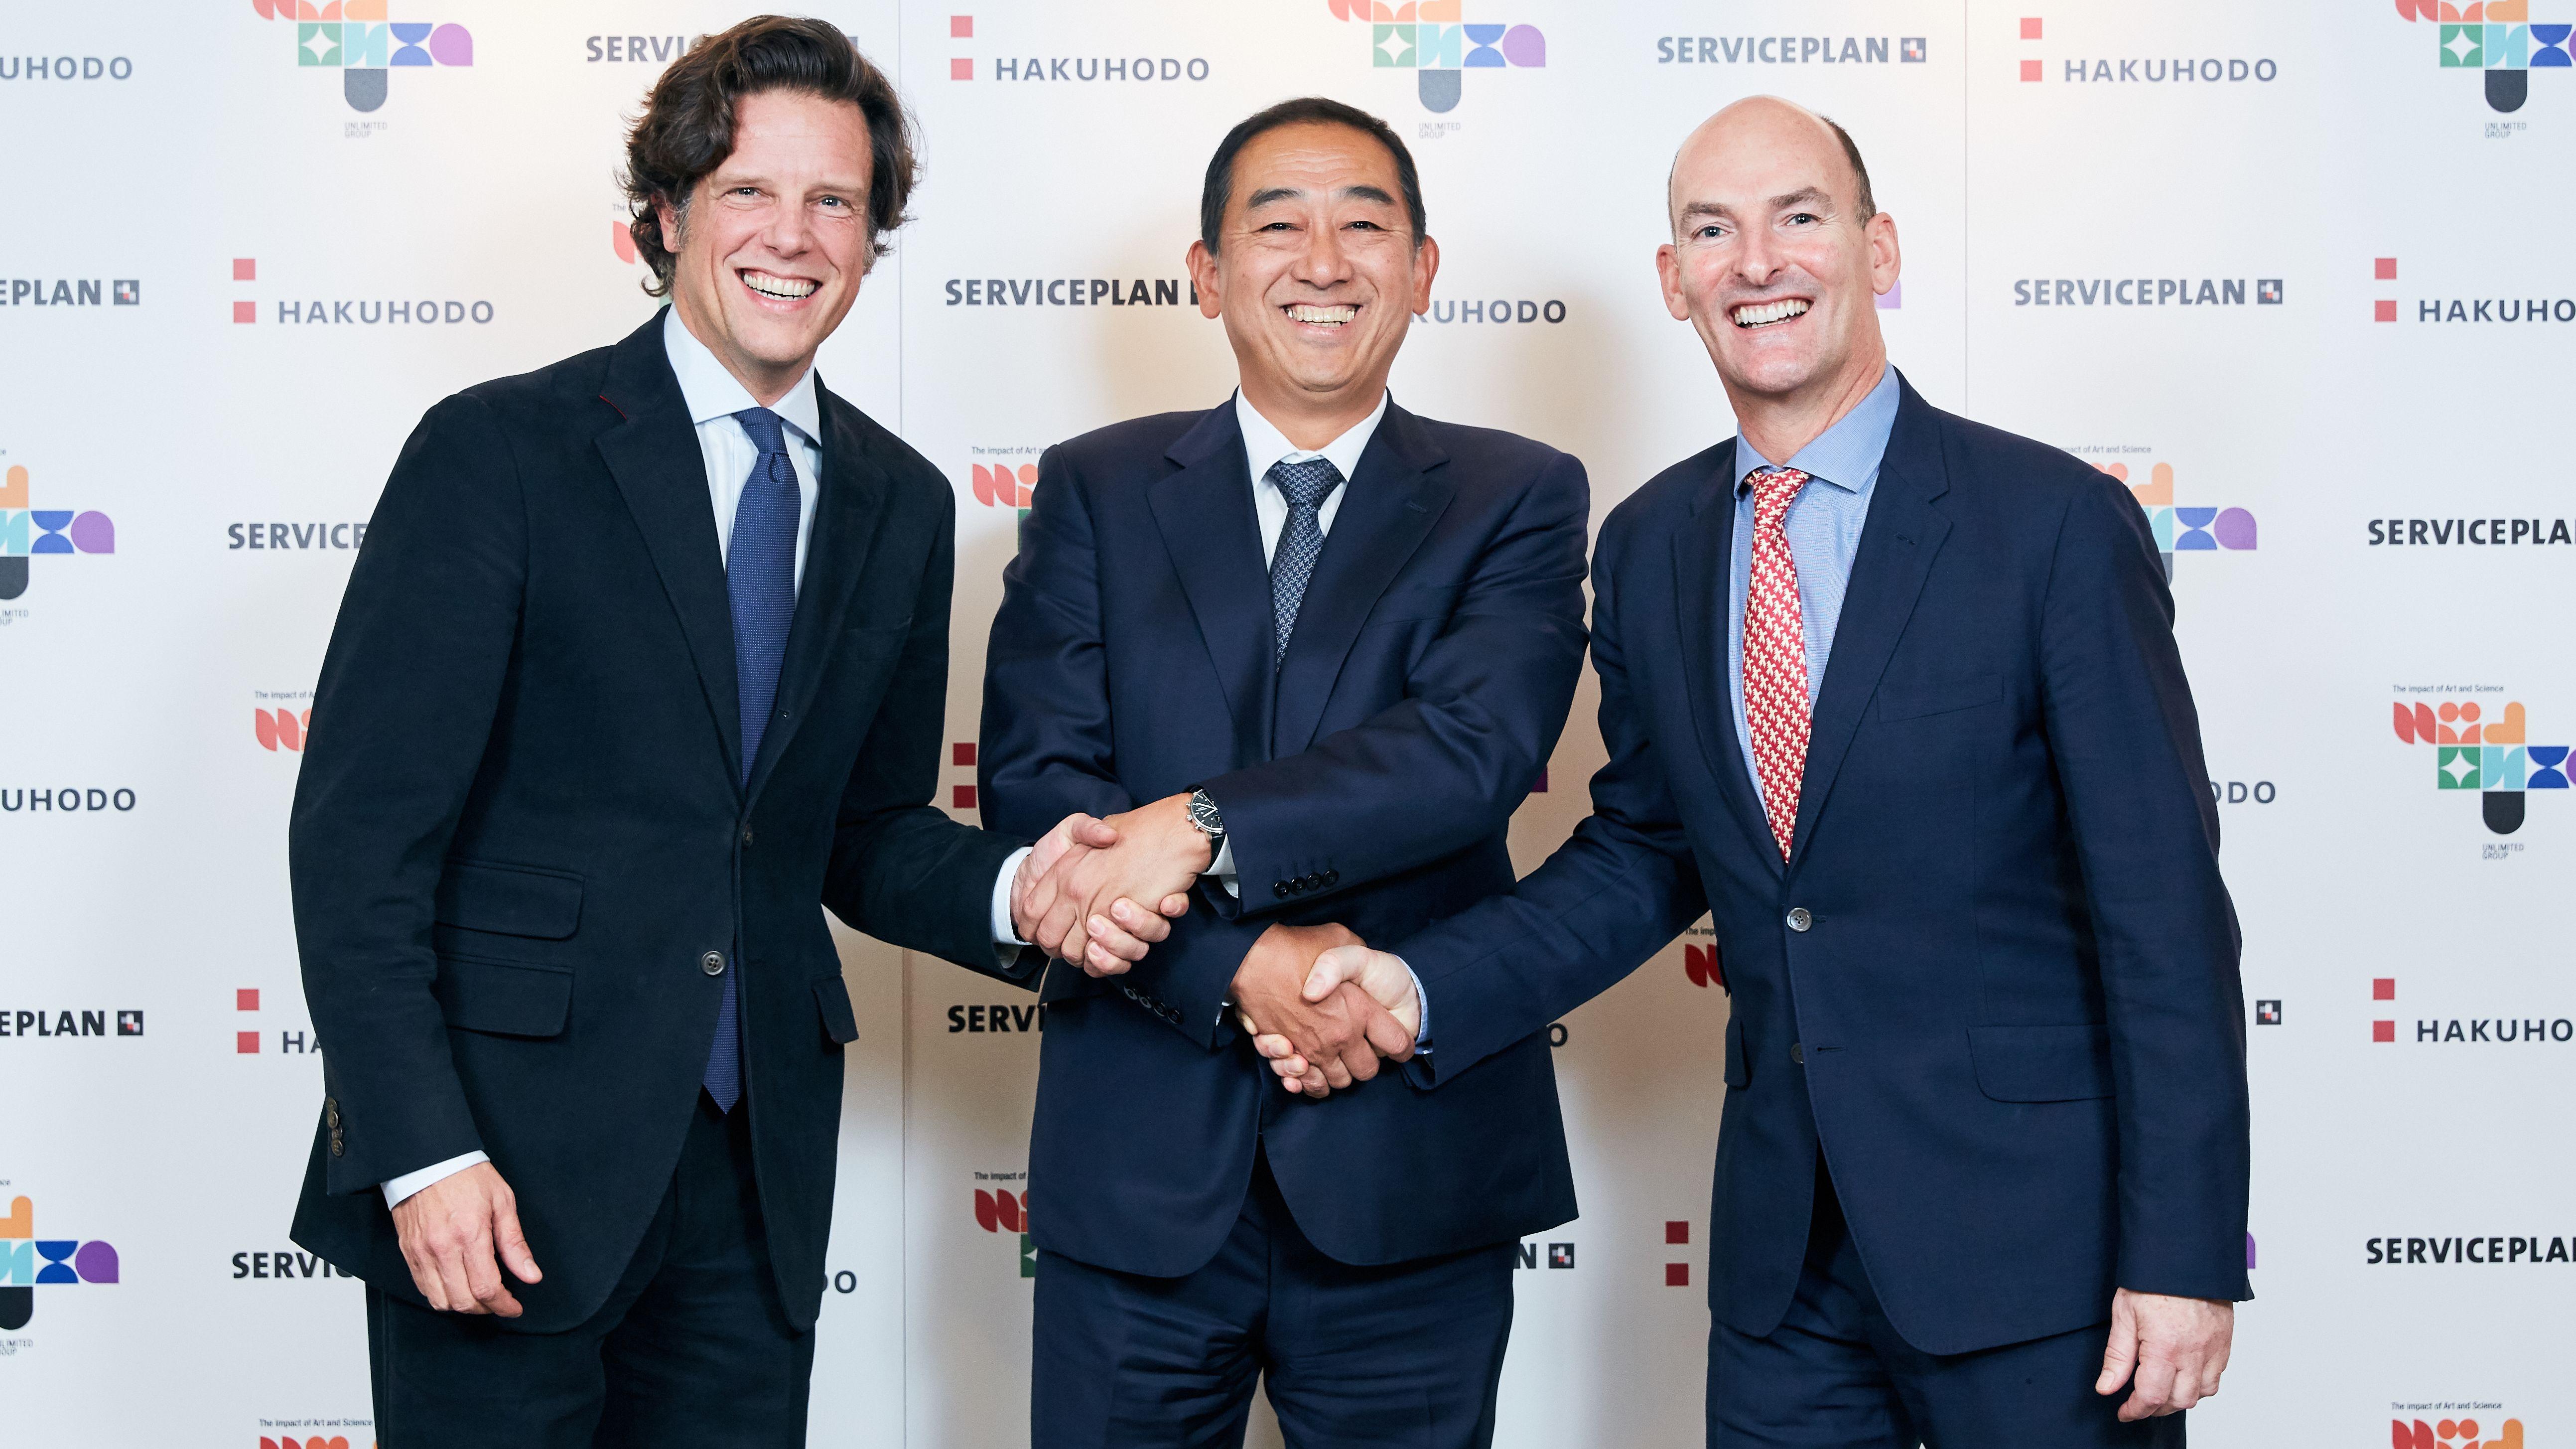 Internationalisierung: Serviceplan verbündet sich mit Hakuhodo